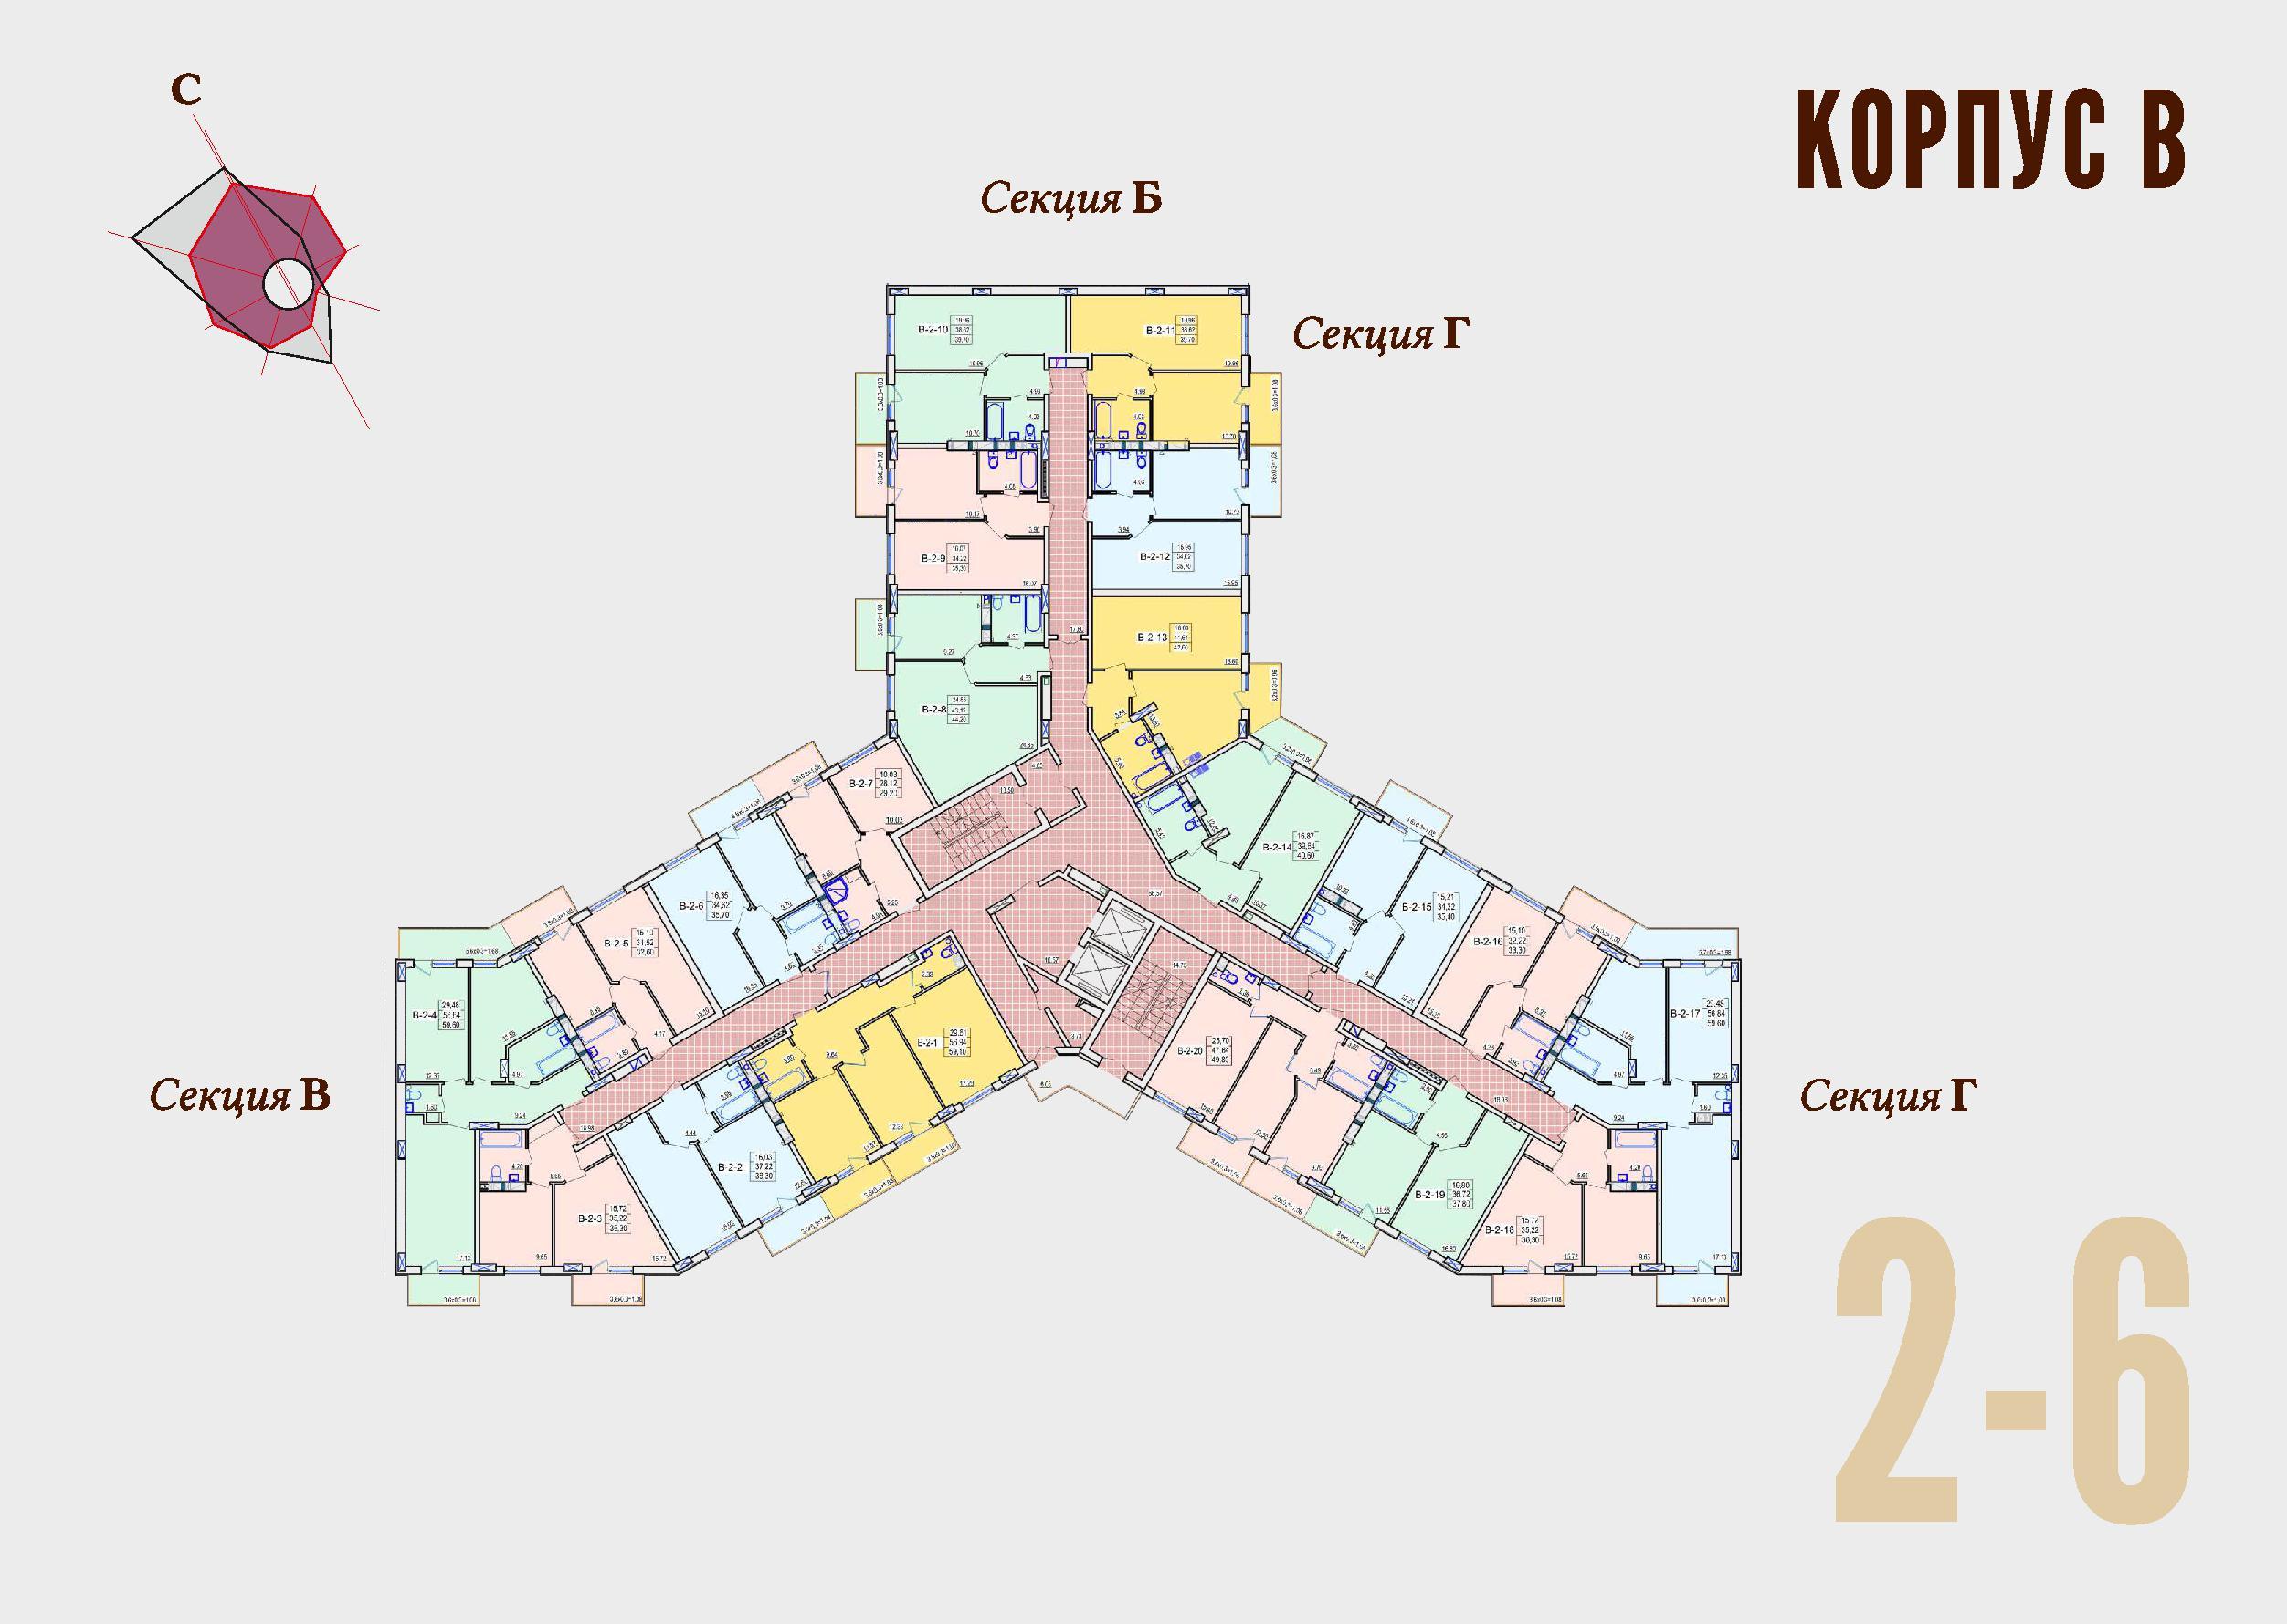 ЖК Континент Секция В план 2-6 этажа